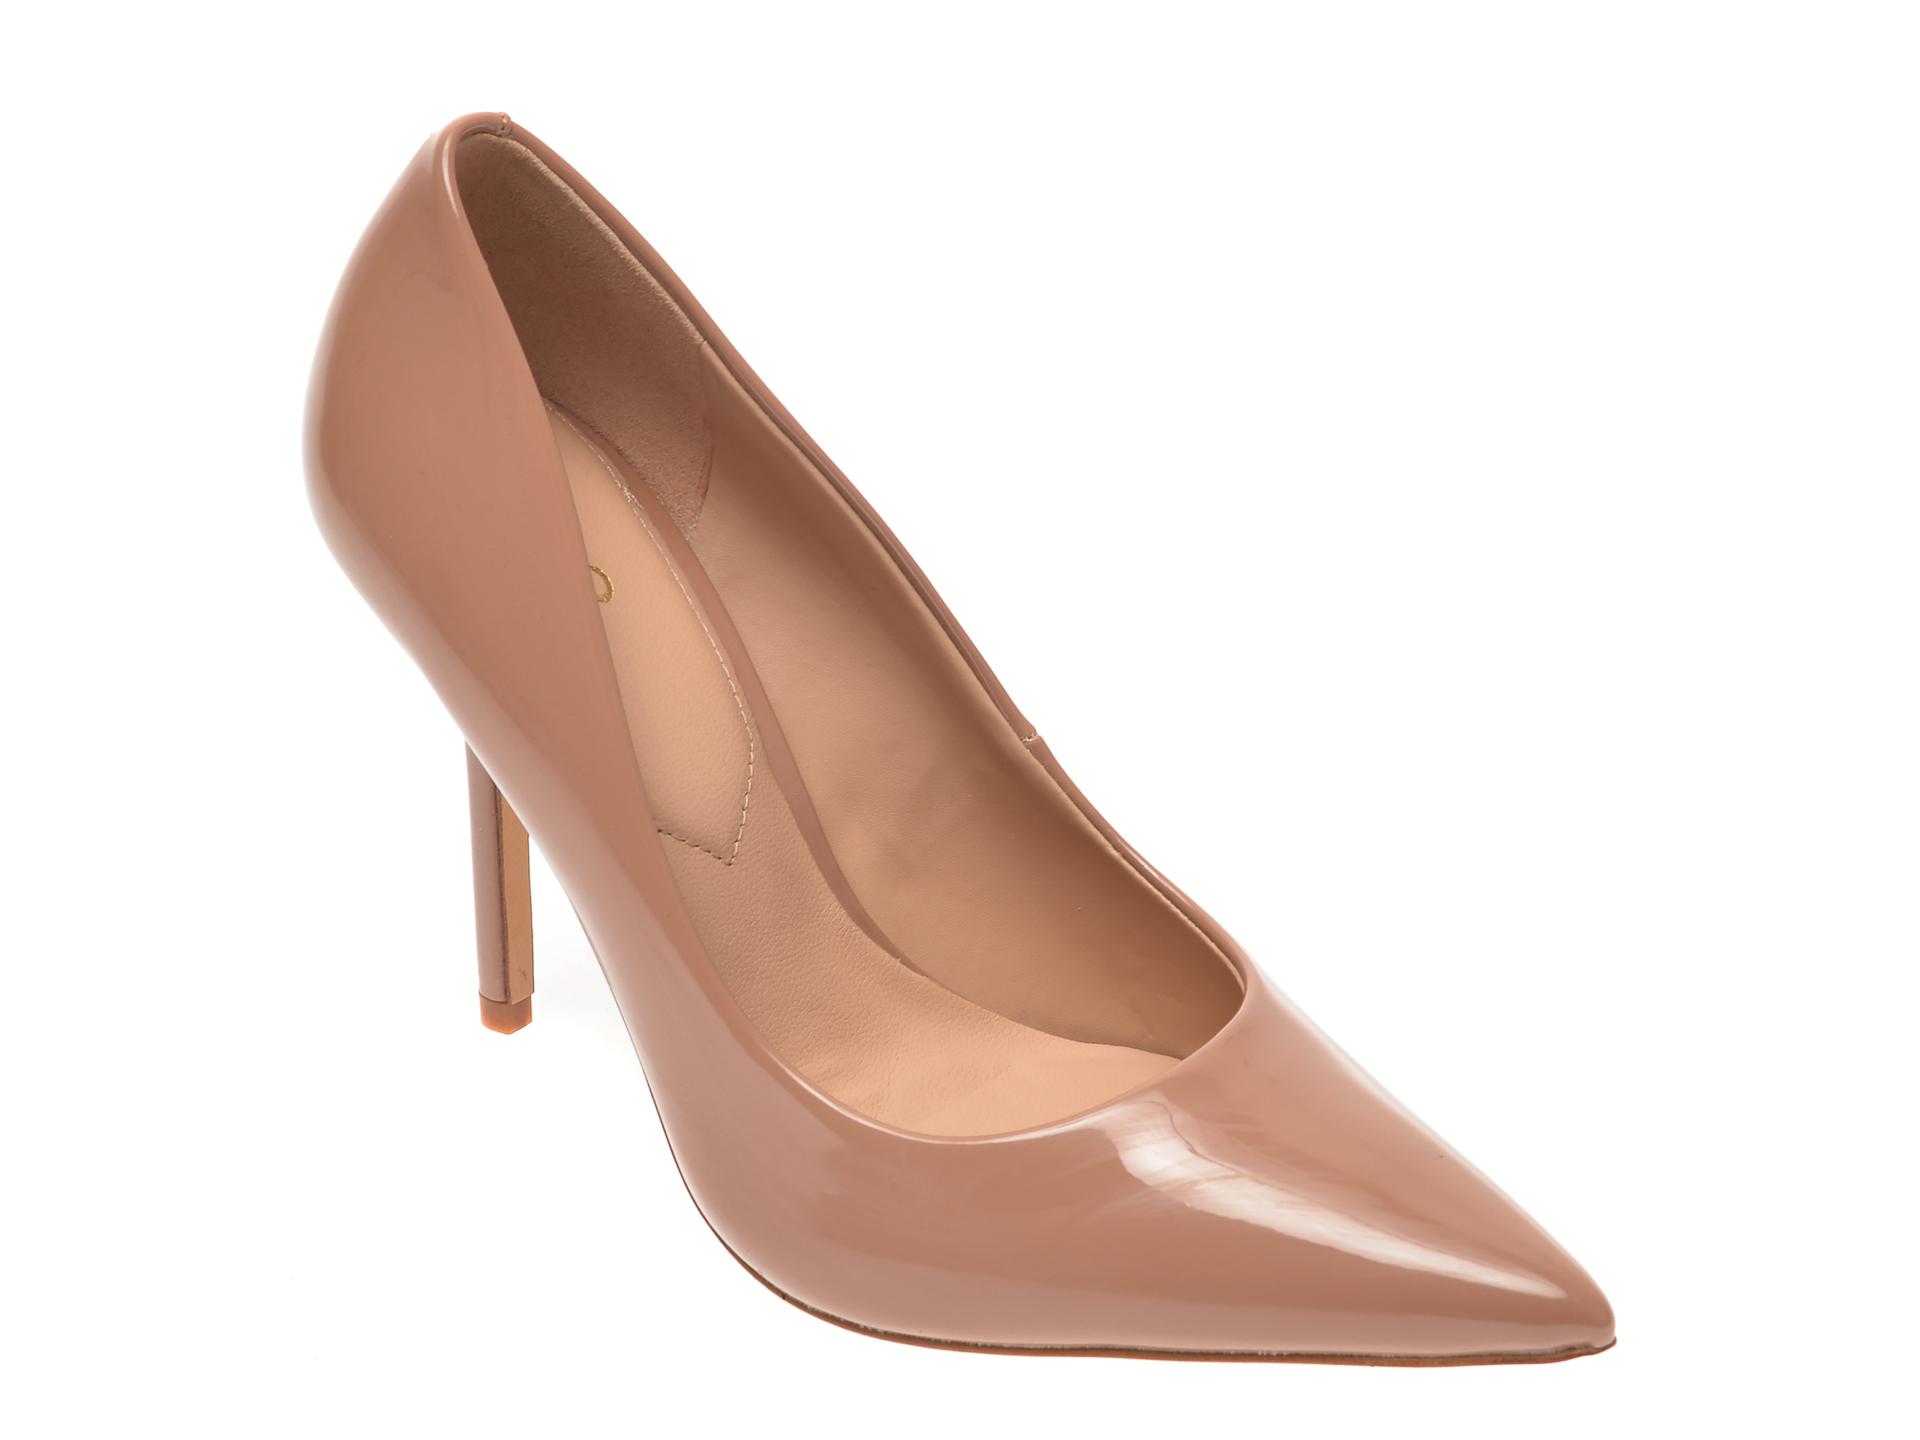 Pantofi ALDO nude, Sophy270, din piele ecologica imagine